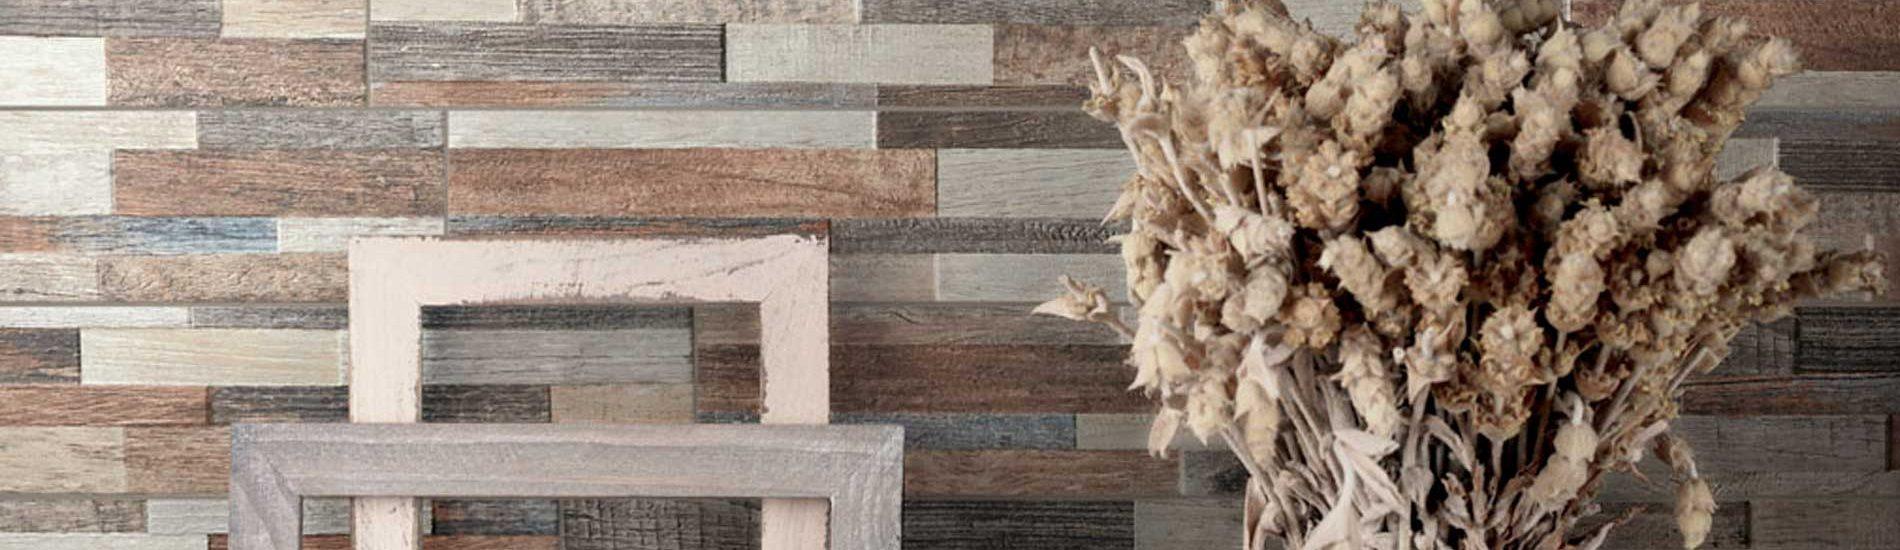 banner-indoor-3d-italian-wood-look-italian-wall-tile-ceramica-rondine-anaheim